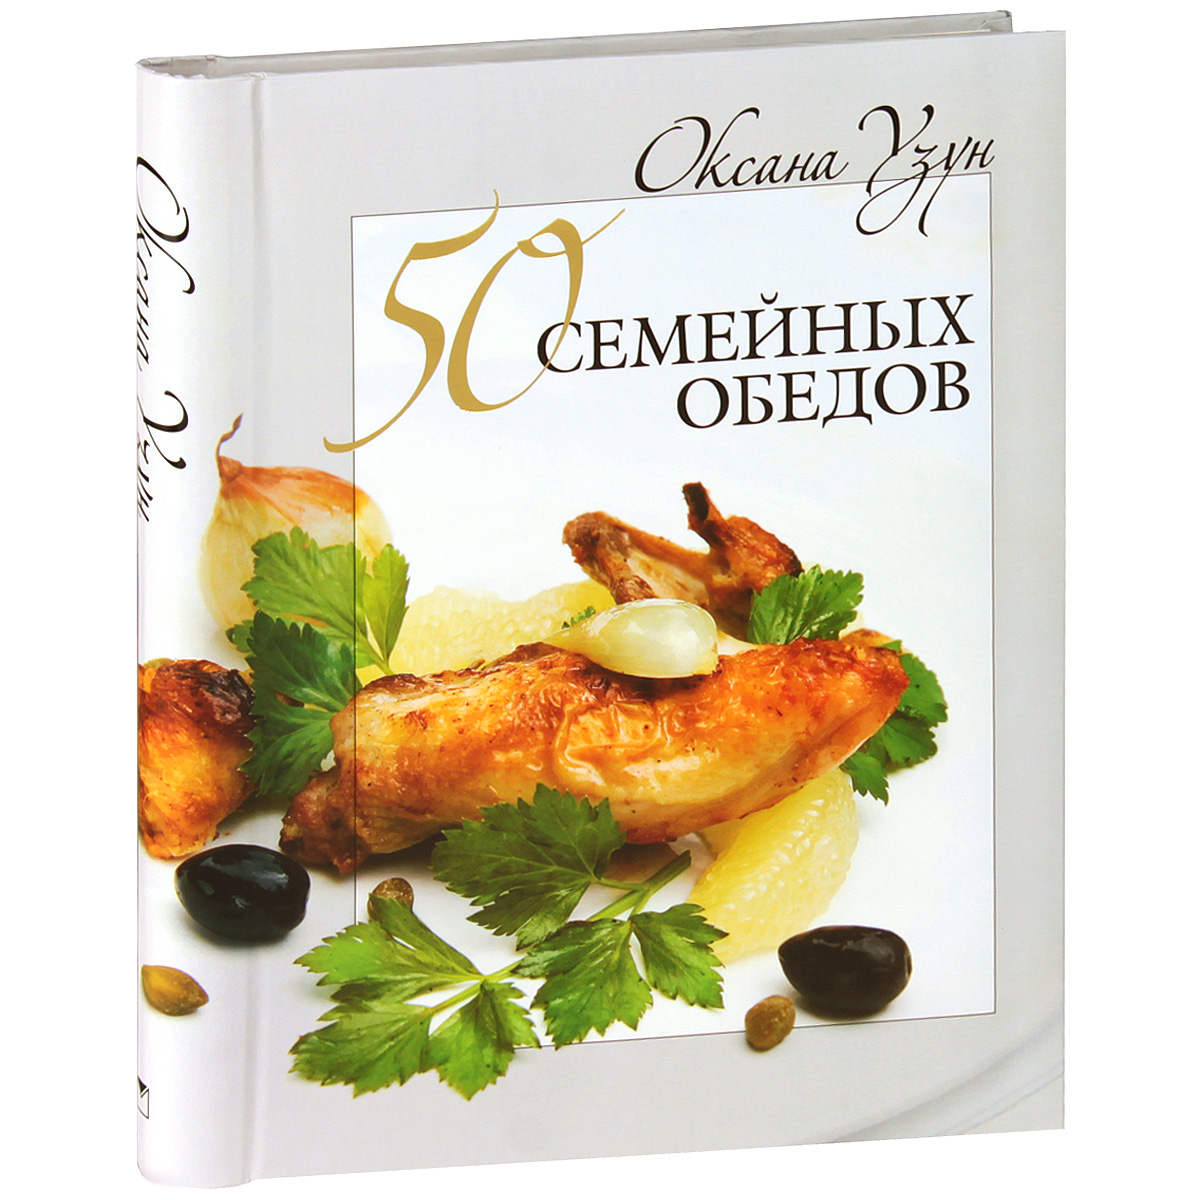 Оксана Узун 50 семейных обедов